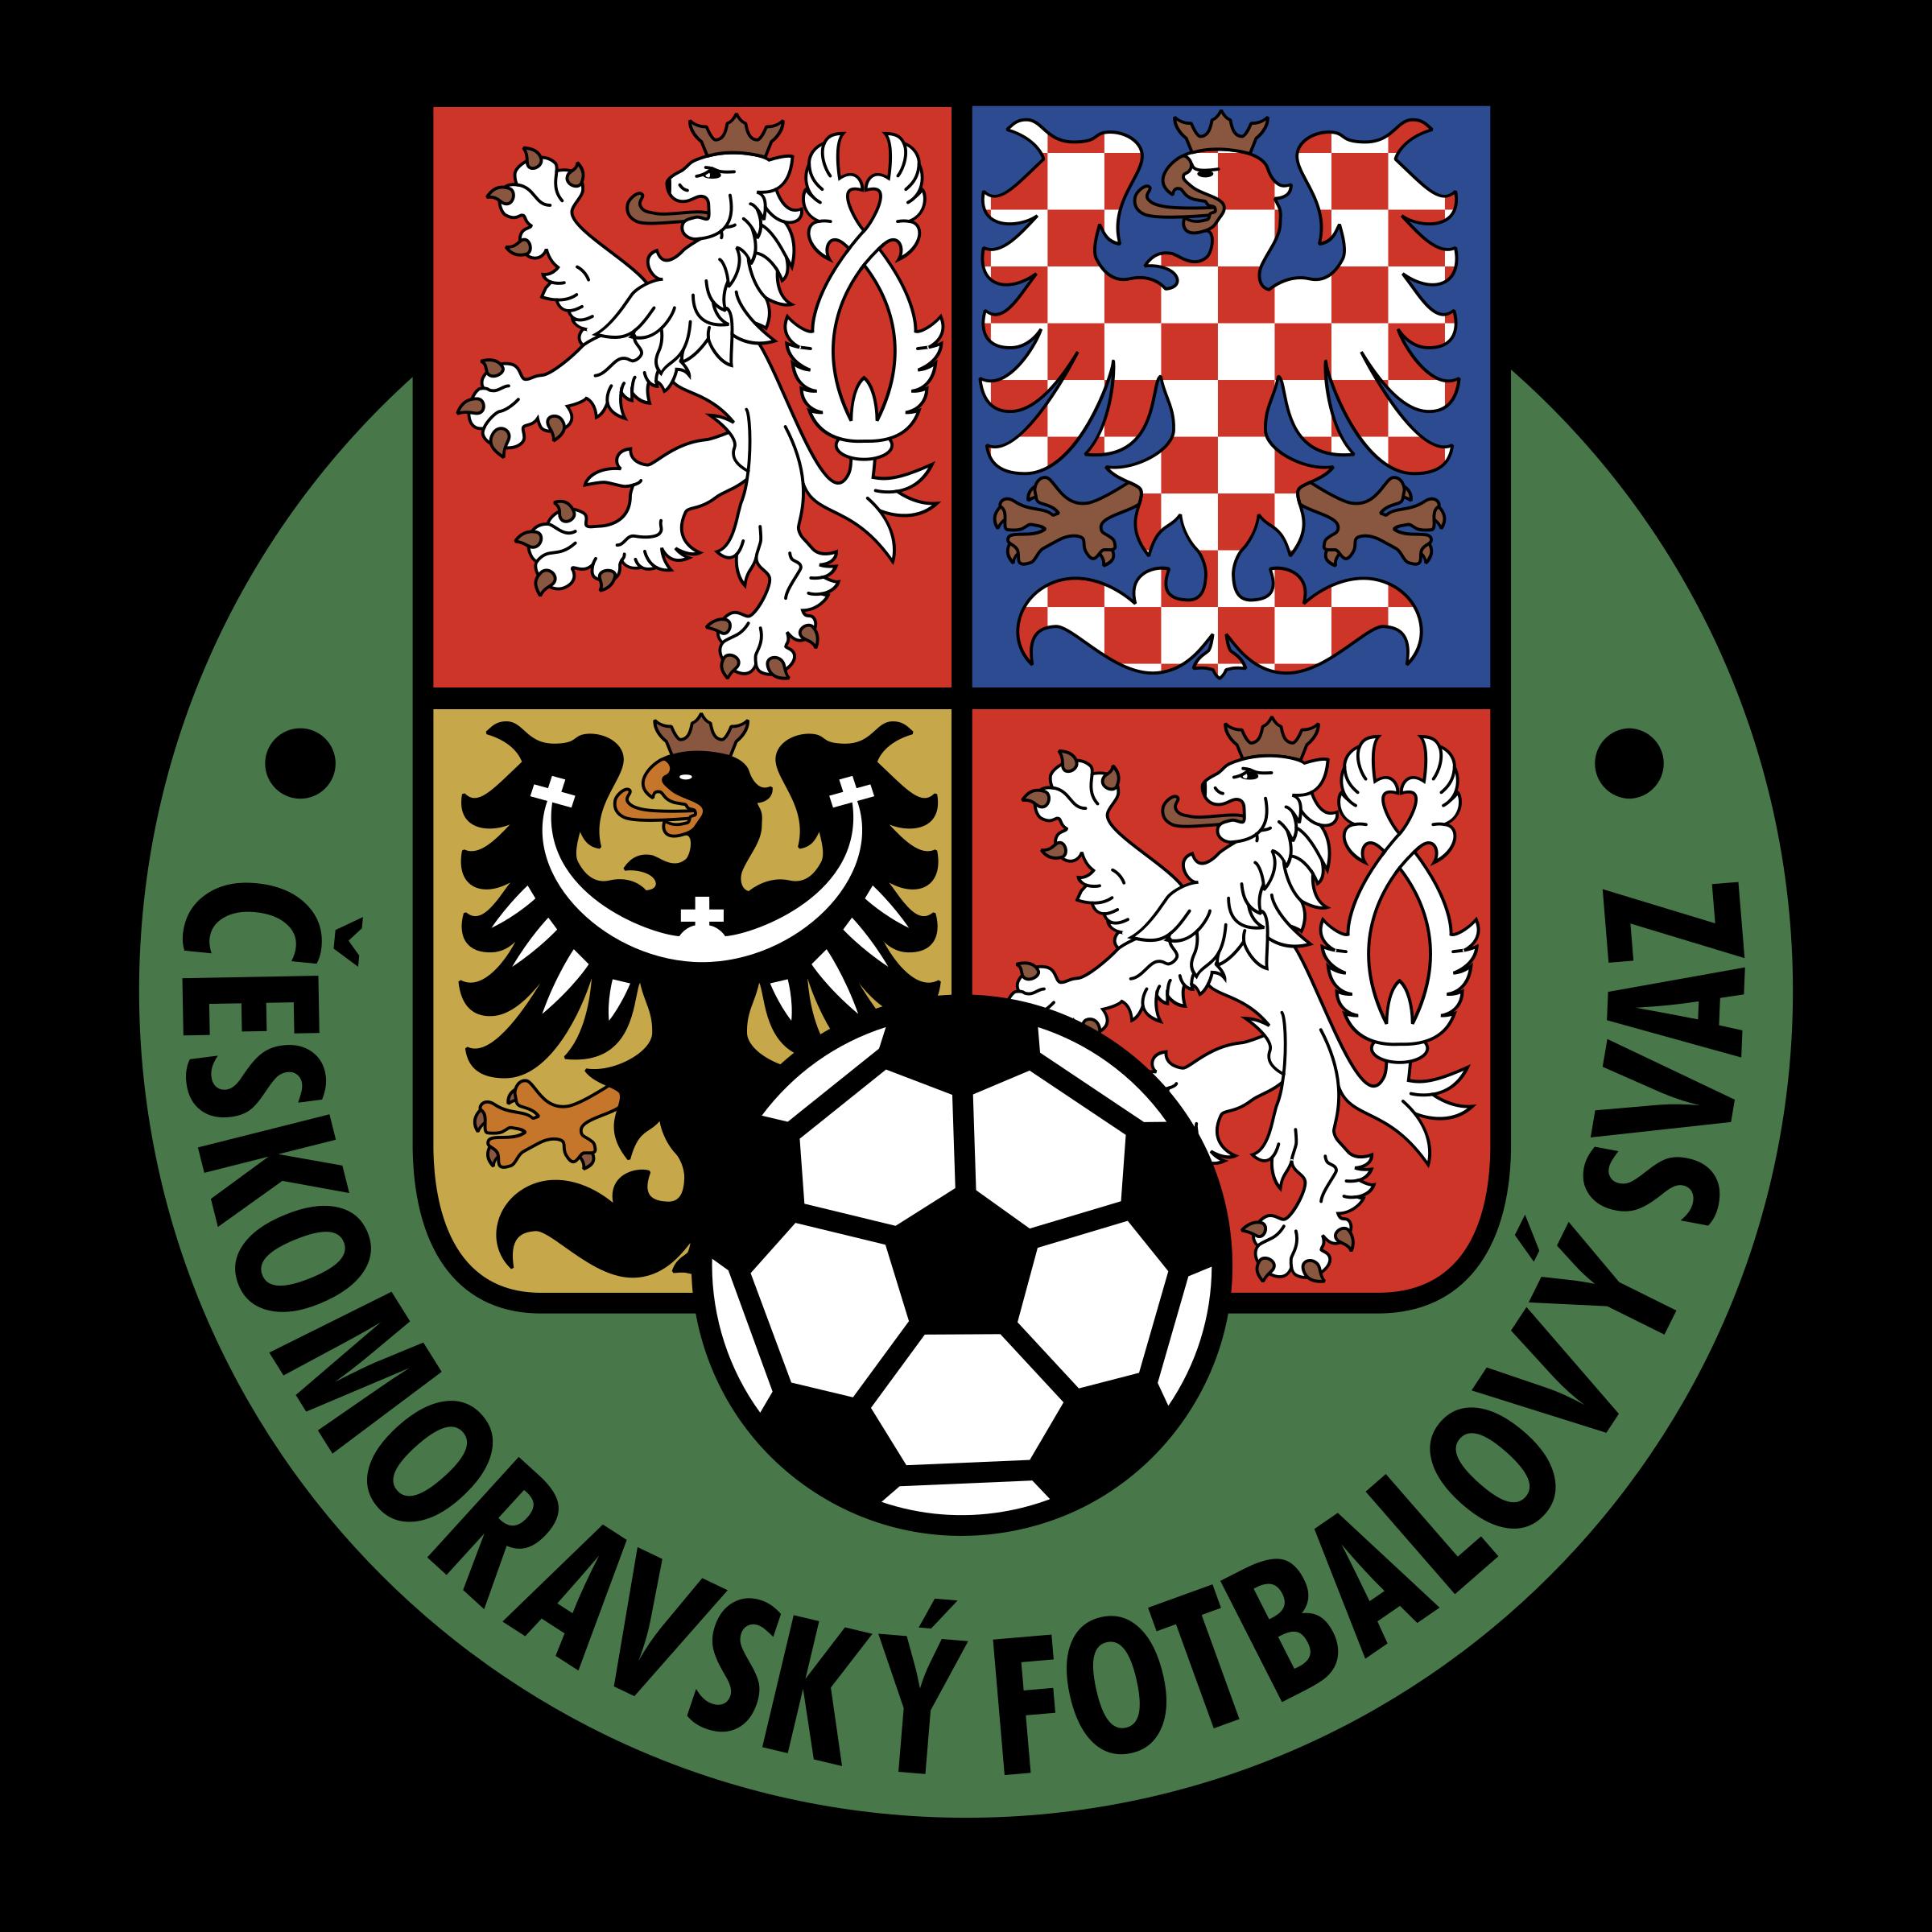 Czech Republic National Football Team Logo Png Transparent Svg